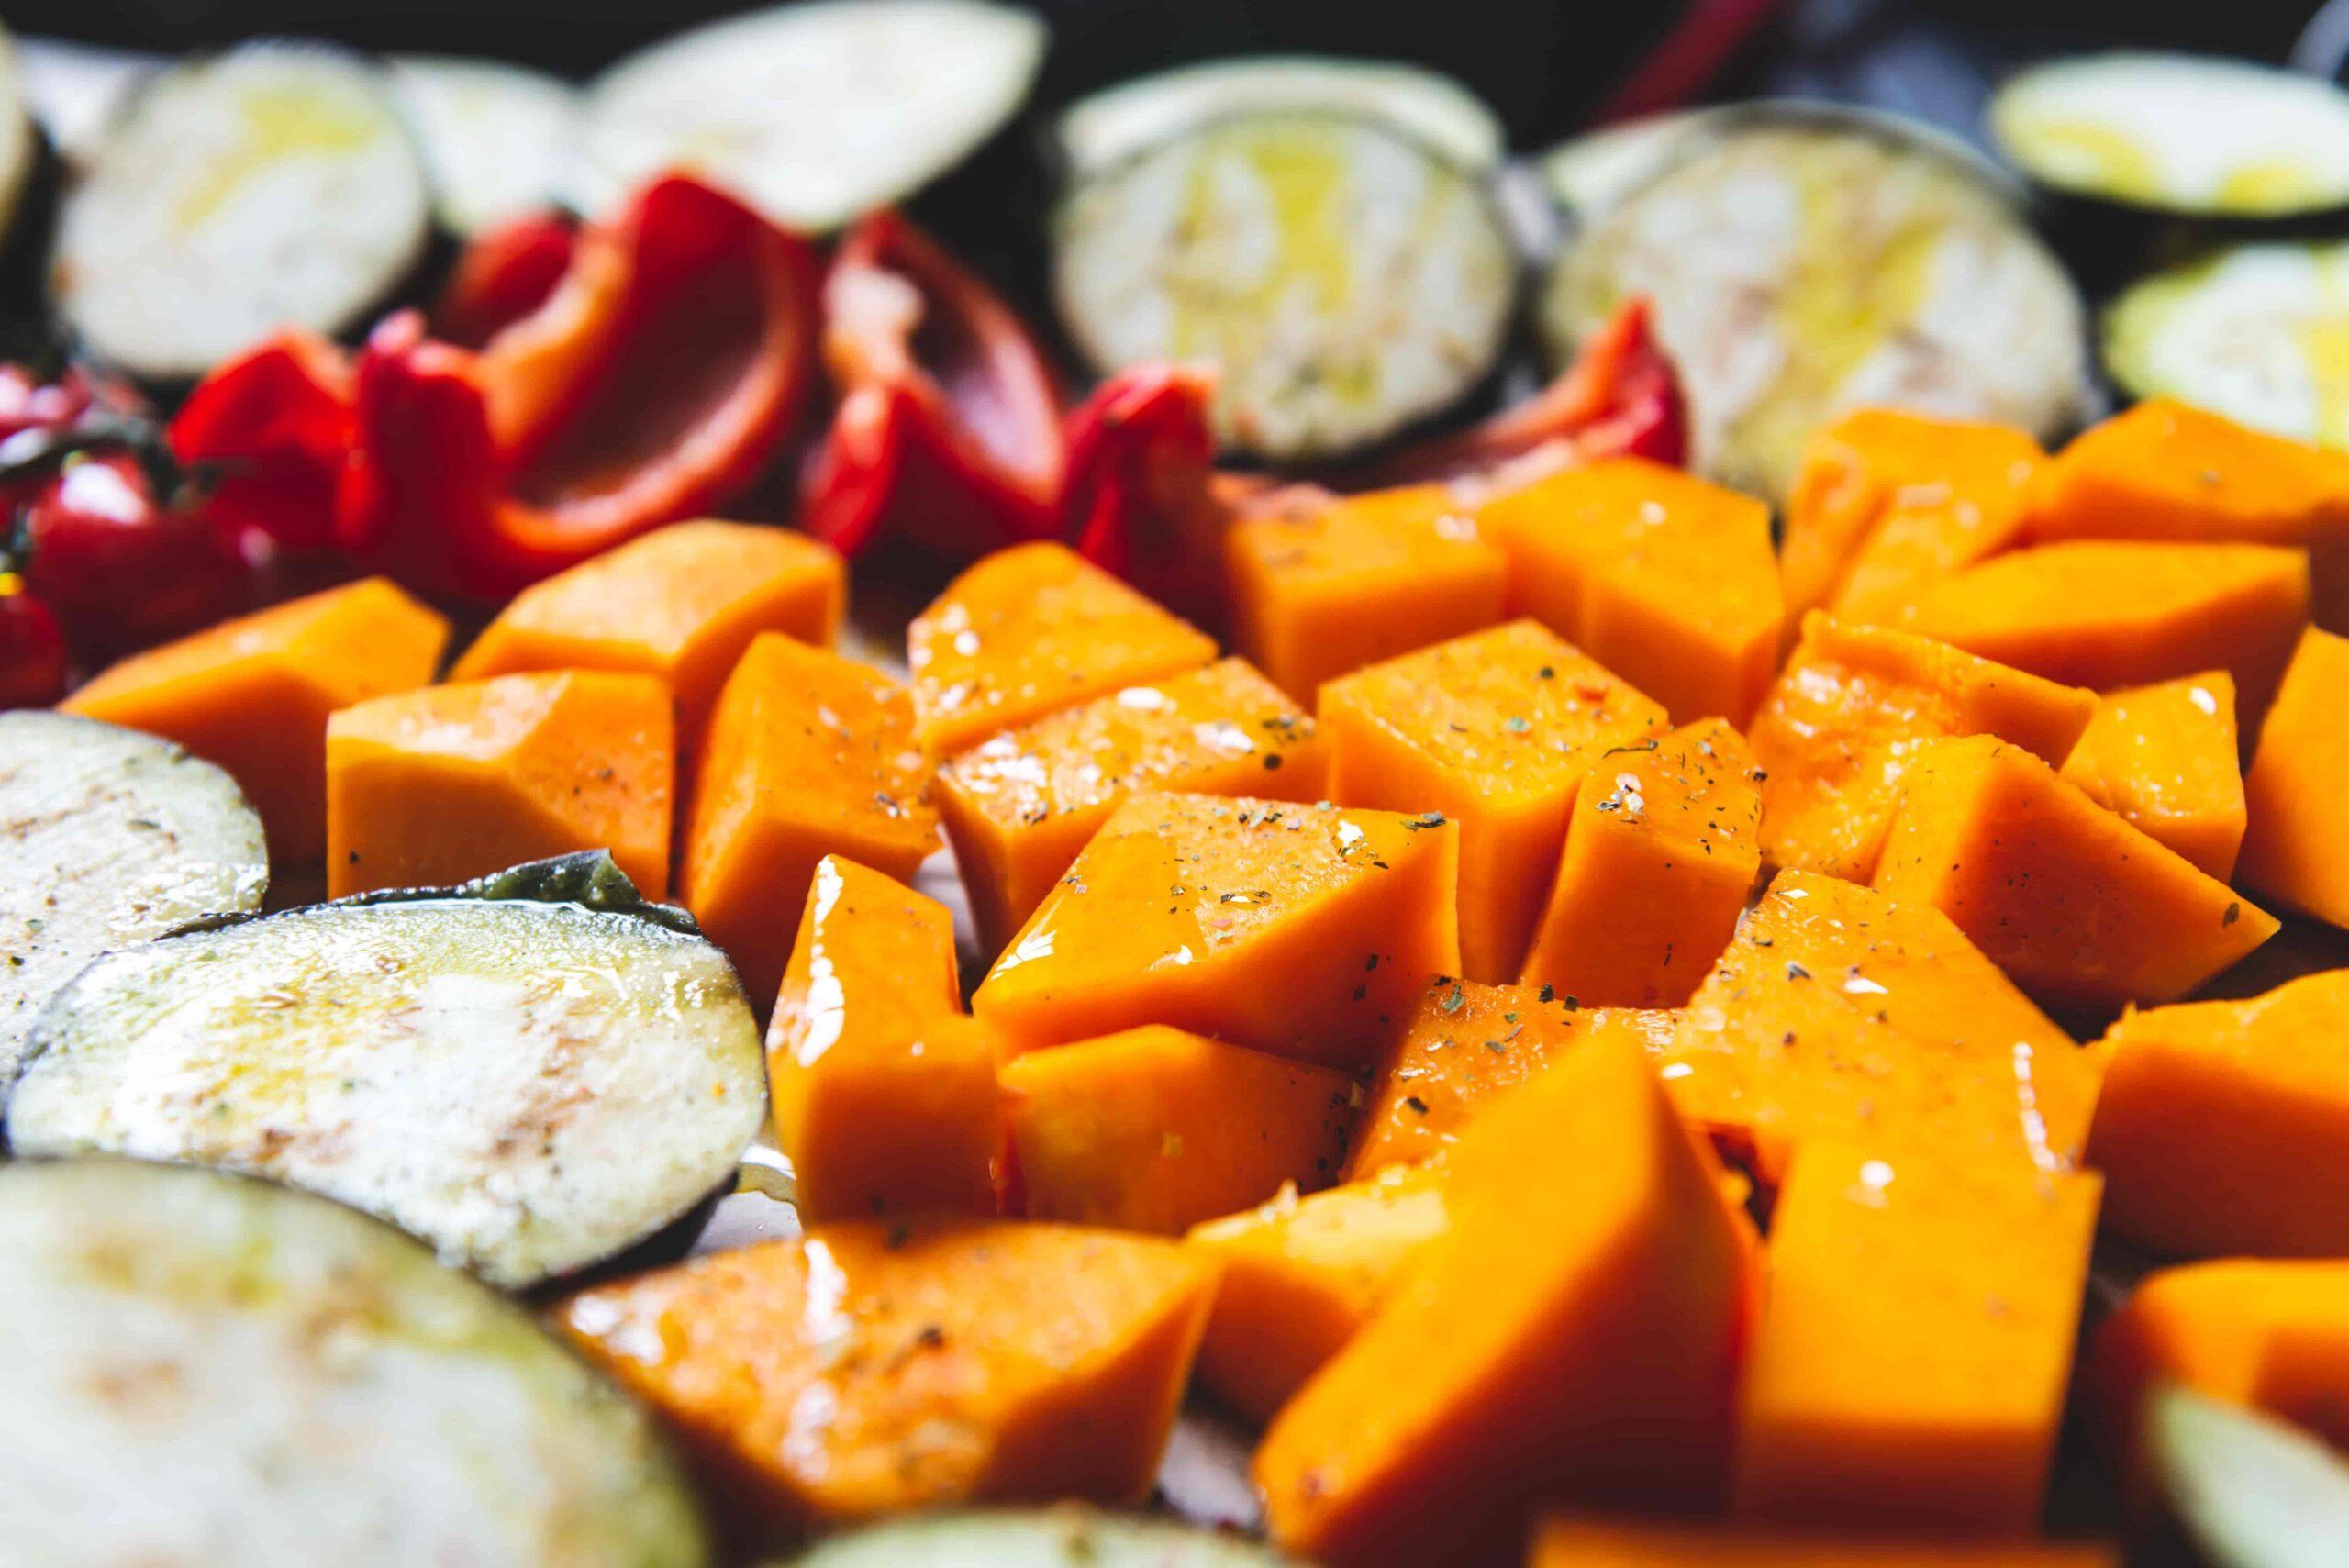 raw-vegetables-for-detox-dinner-rszx66z-min-7462967